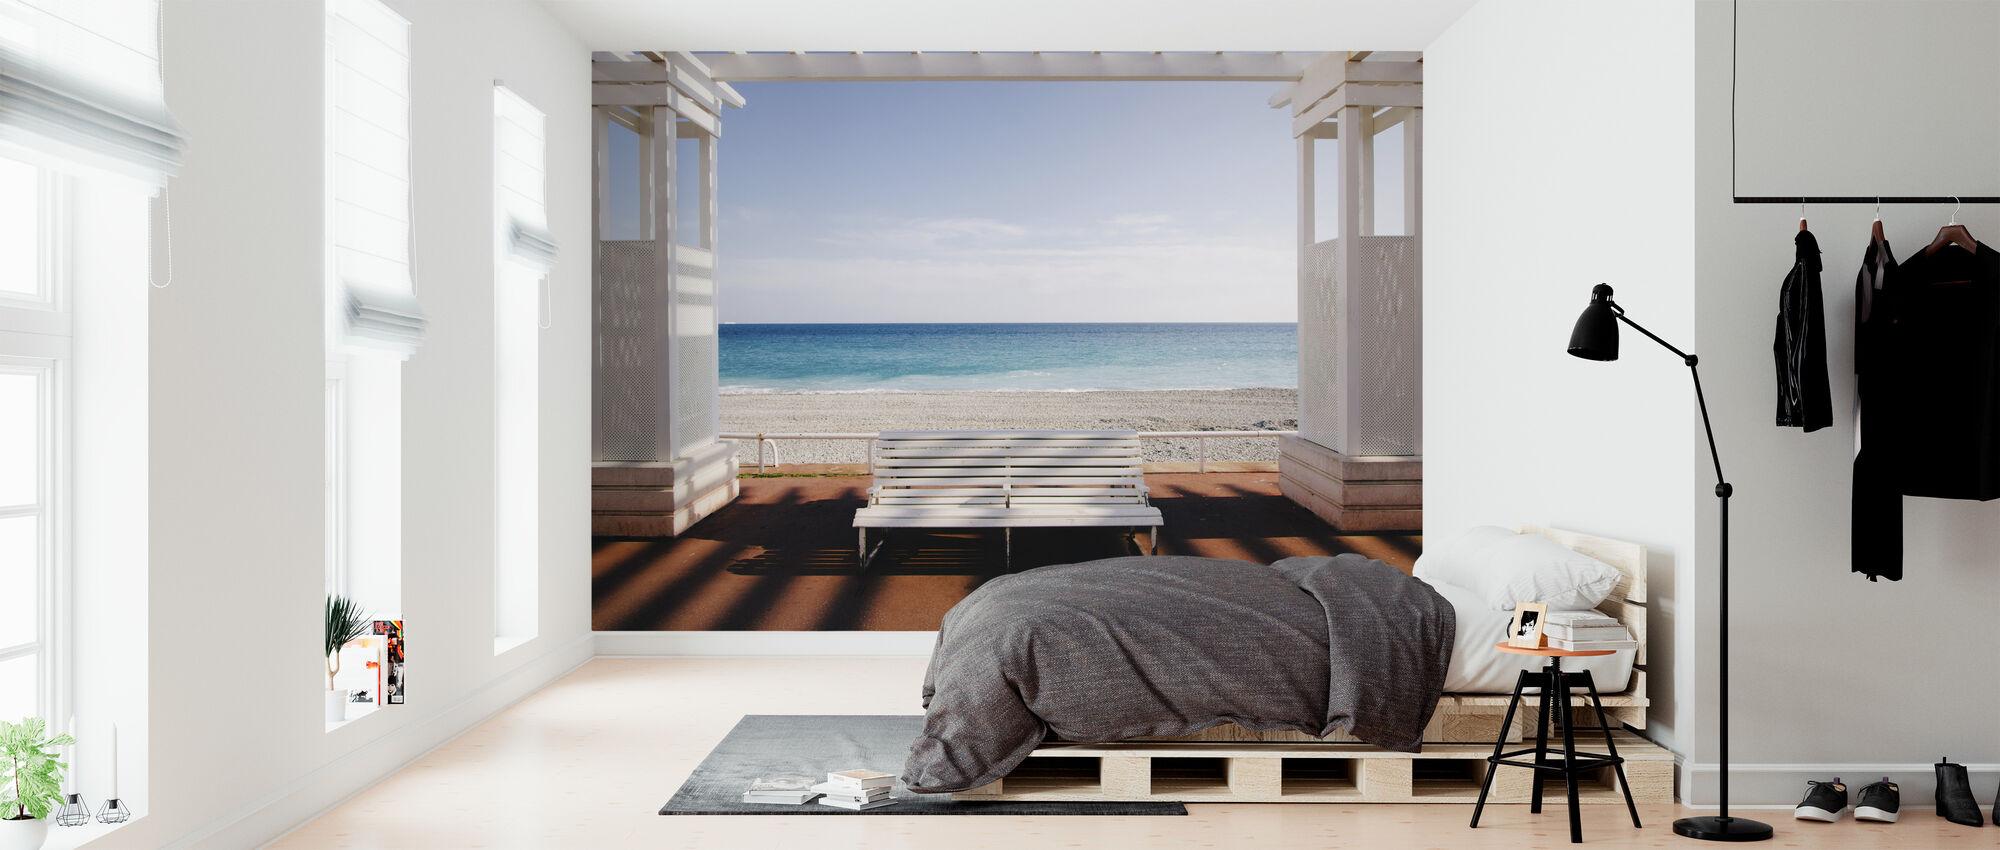 Window to the Sea - Wallpaper - Bedroom